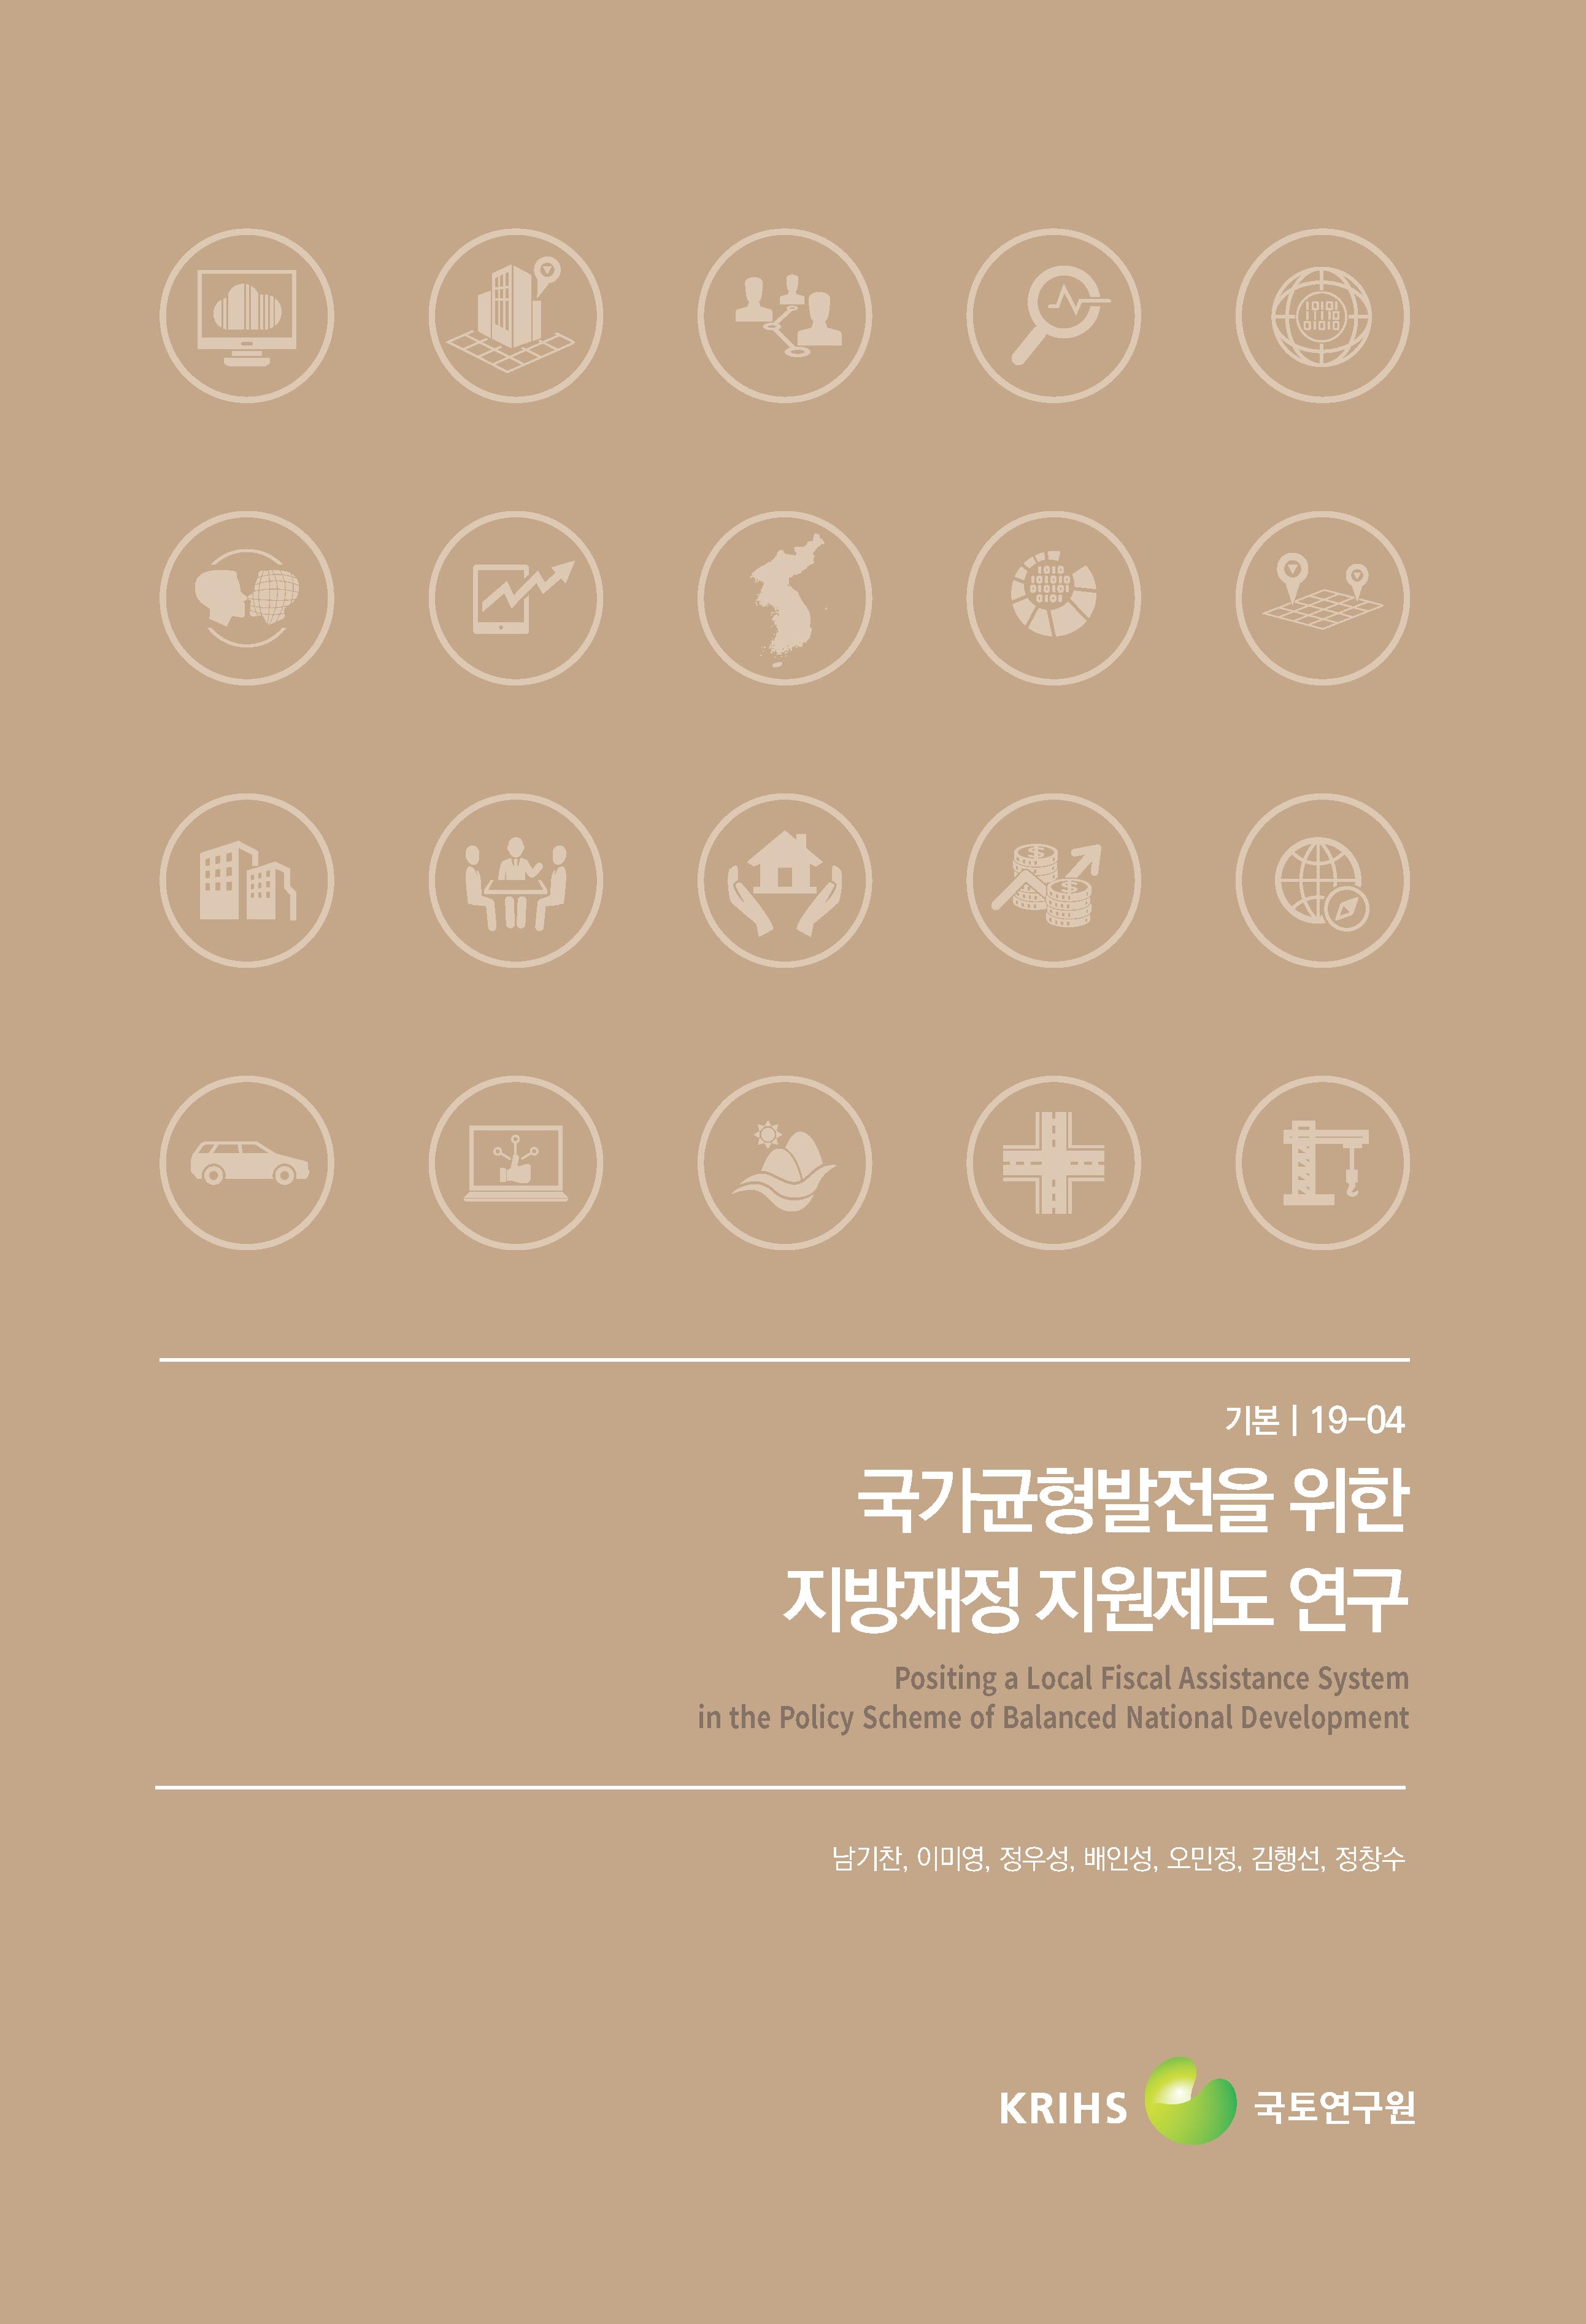 국가균형발전을 위한 지방재정 지원제도 연구표지